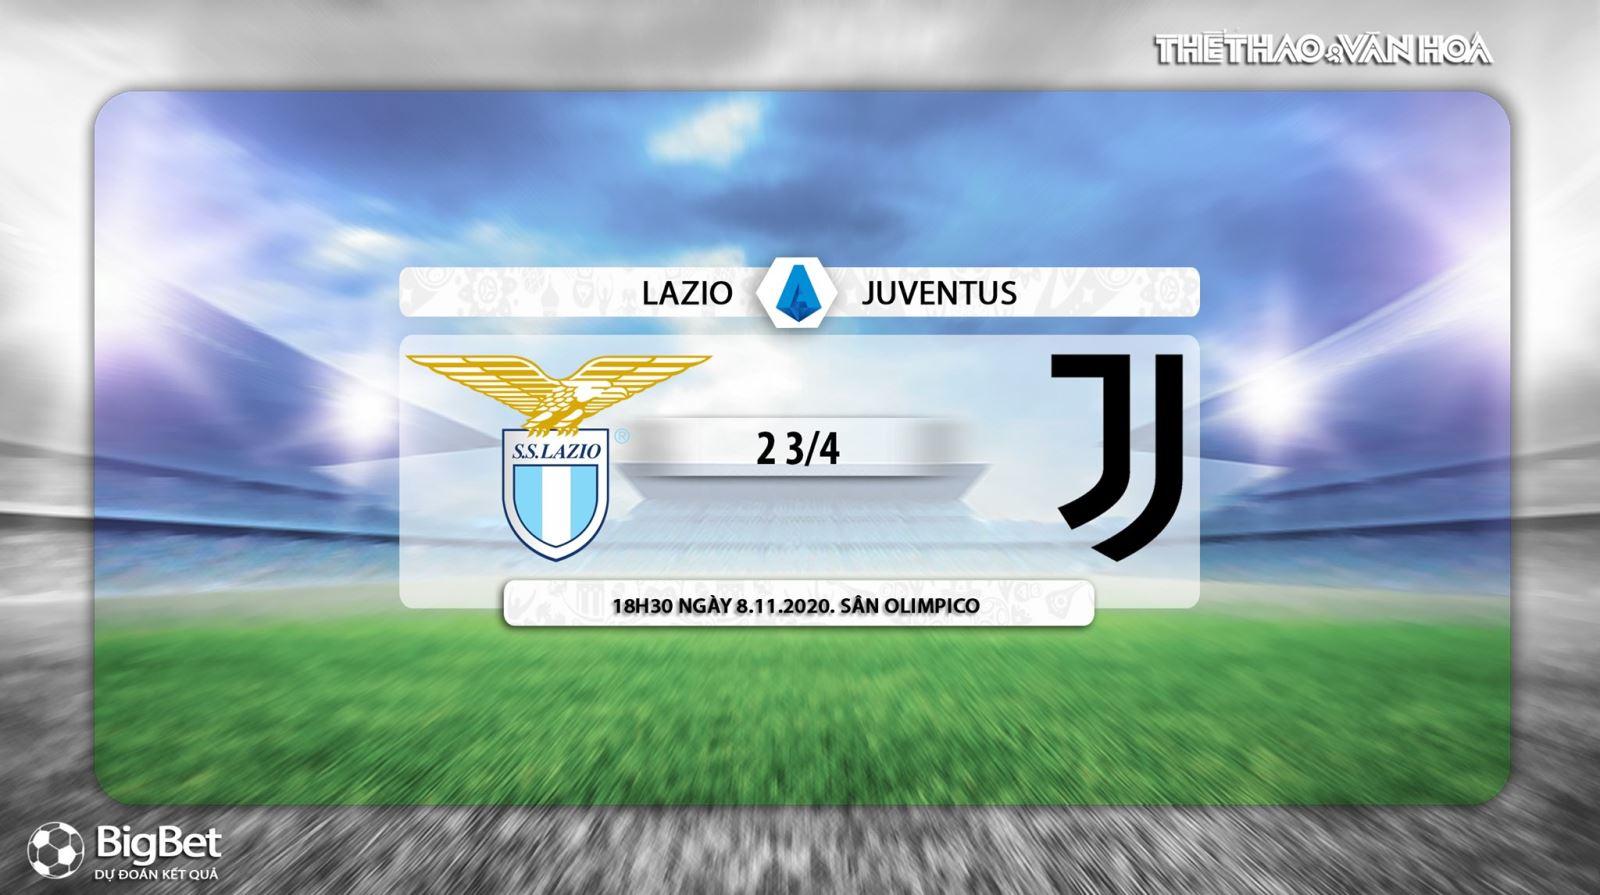 Keo nha cai, kèo nhà cái, Lazio vs Juventus, Vòng 7 Serie A, Trực tiếp FPT, Trực tiếp Serie A vòng 7, Soi kèo Lazio đấu với Juventus, Kèo Juventus, Kèo Lazio, BXH Serie A